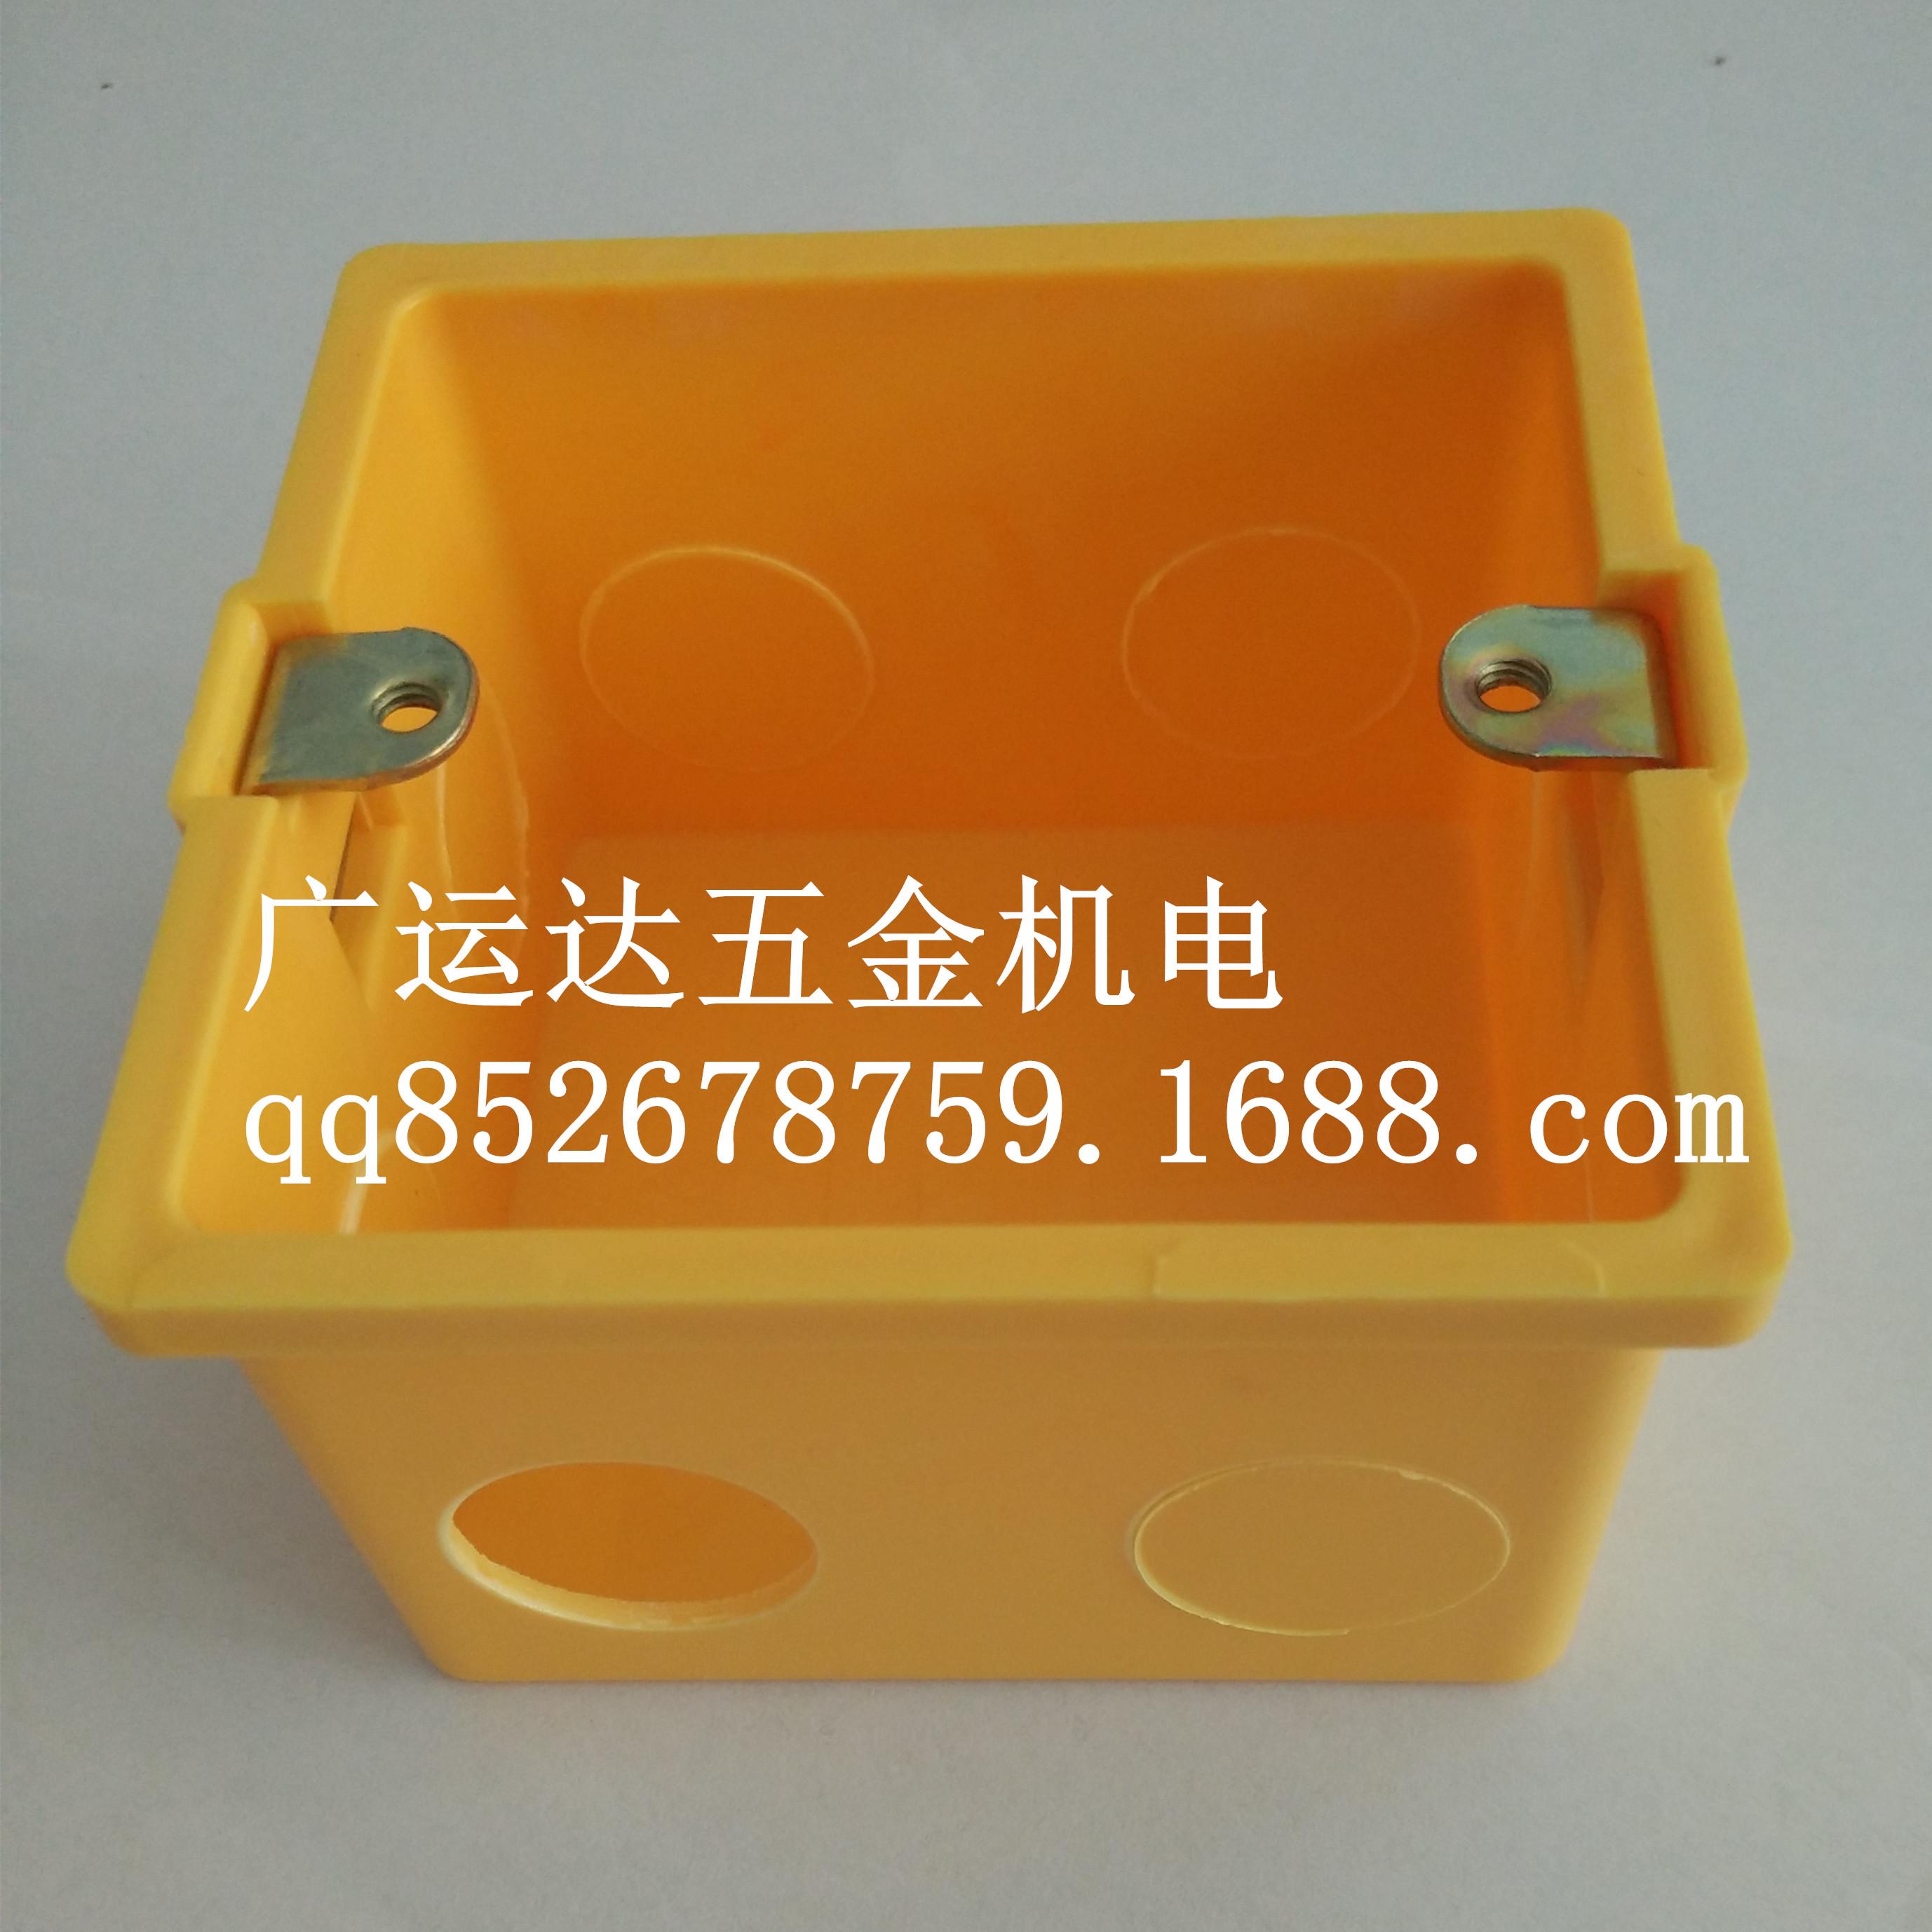 供应PVC塑料家装阻燃墙壁开关插座盒 86型暗盒 冲孔型黄色底盒优质高档库存足发货快